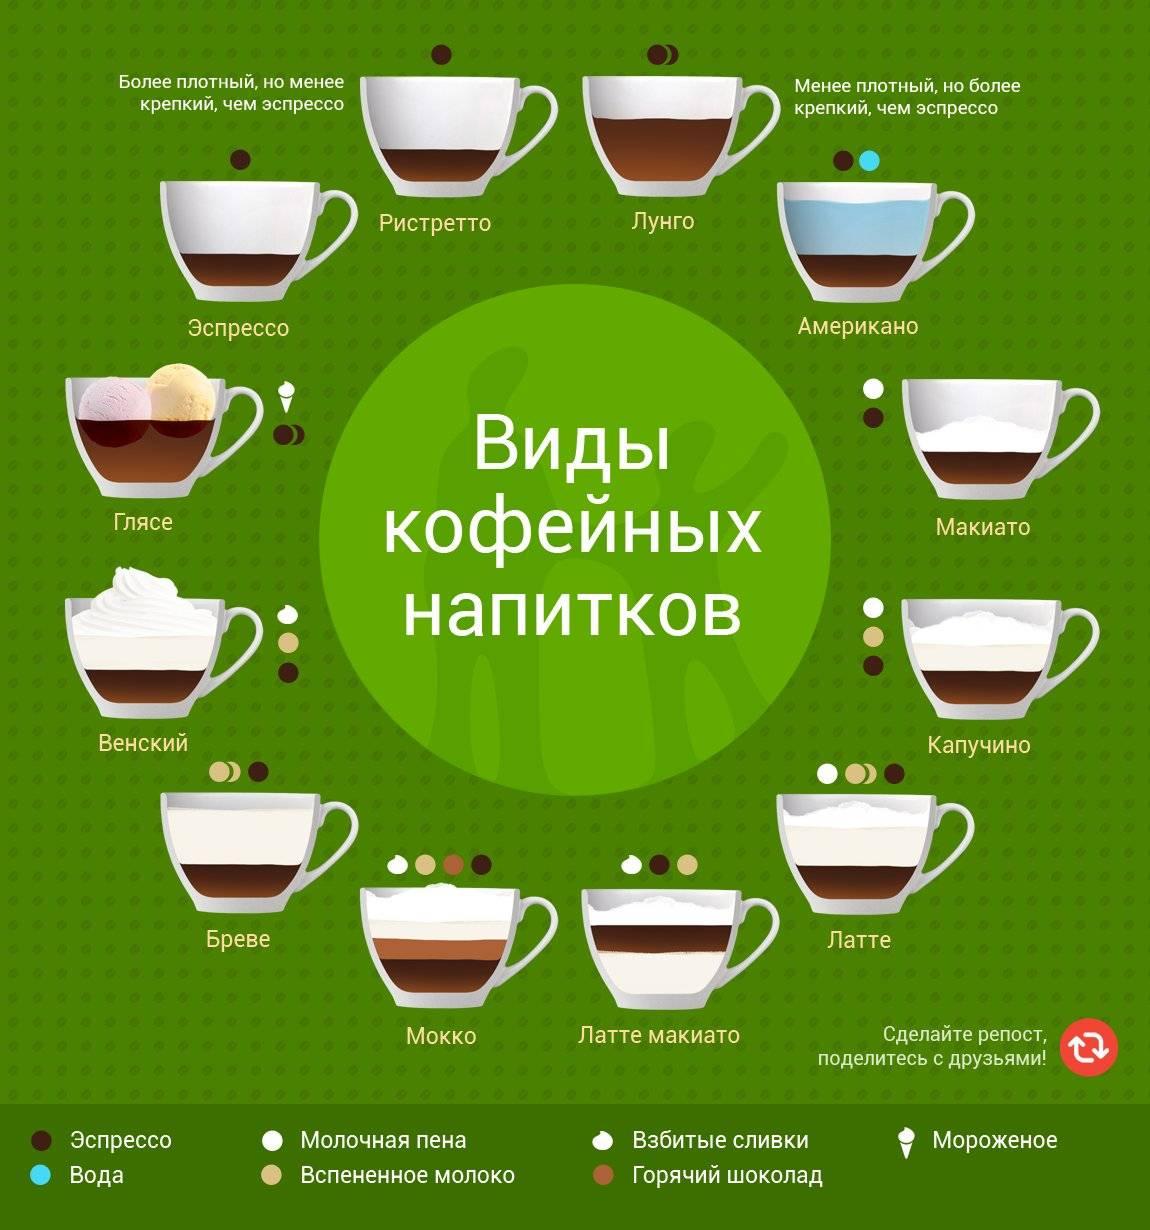 Виды кофе: названия и описание, способы приготовления